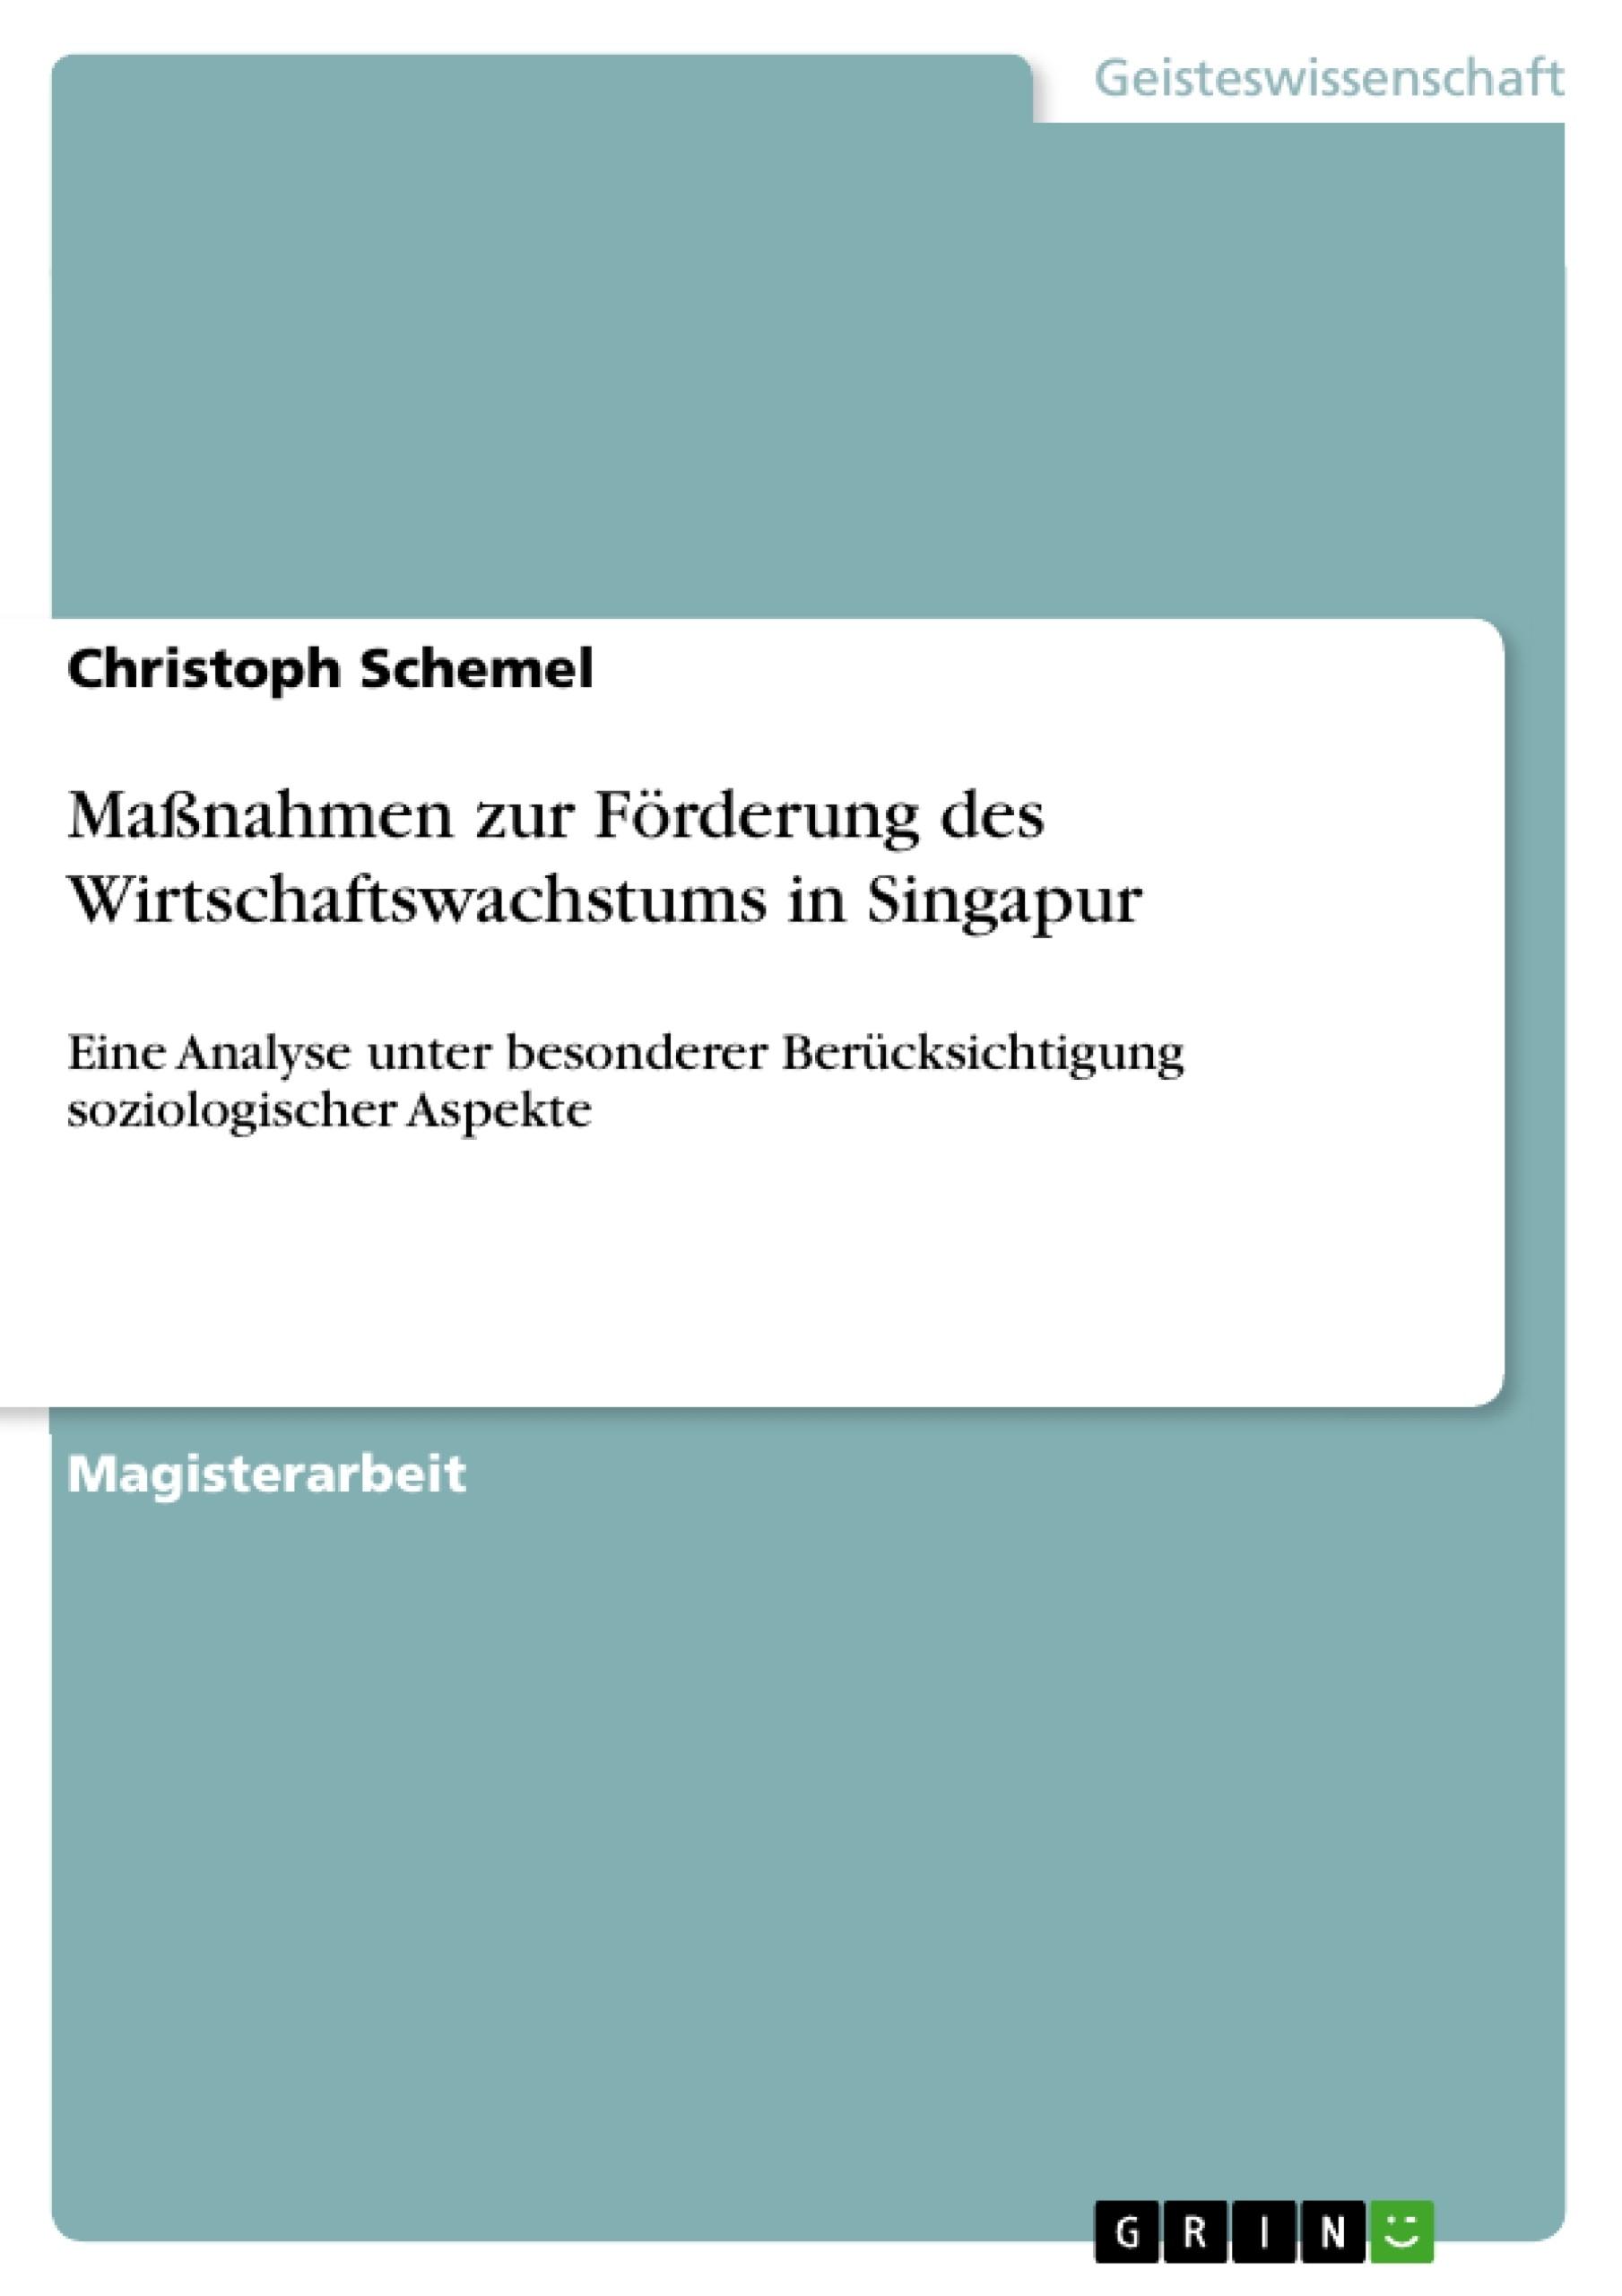 Titel: Maßnahmen zur Förderung des Wirtschaftswachstums in Singapur